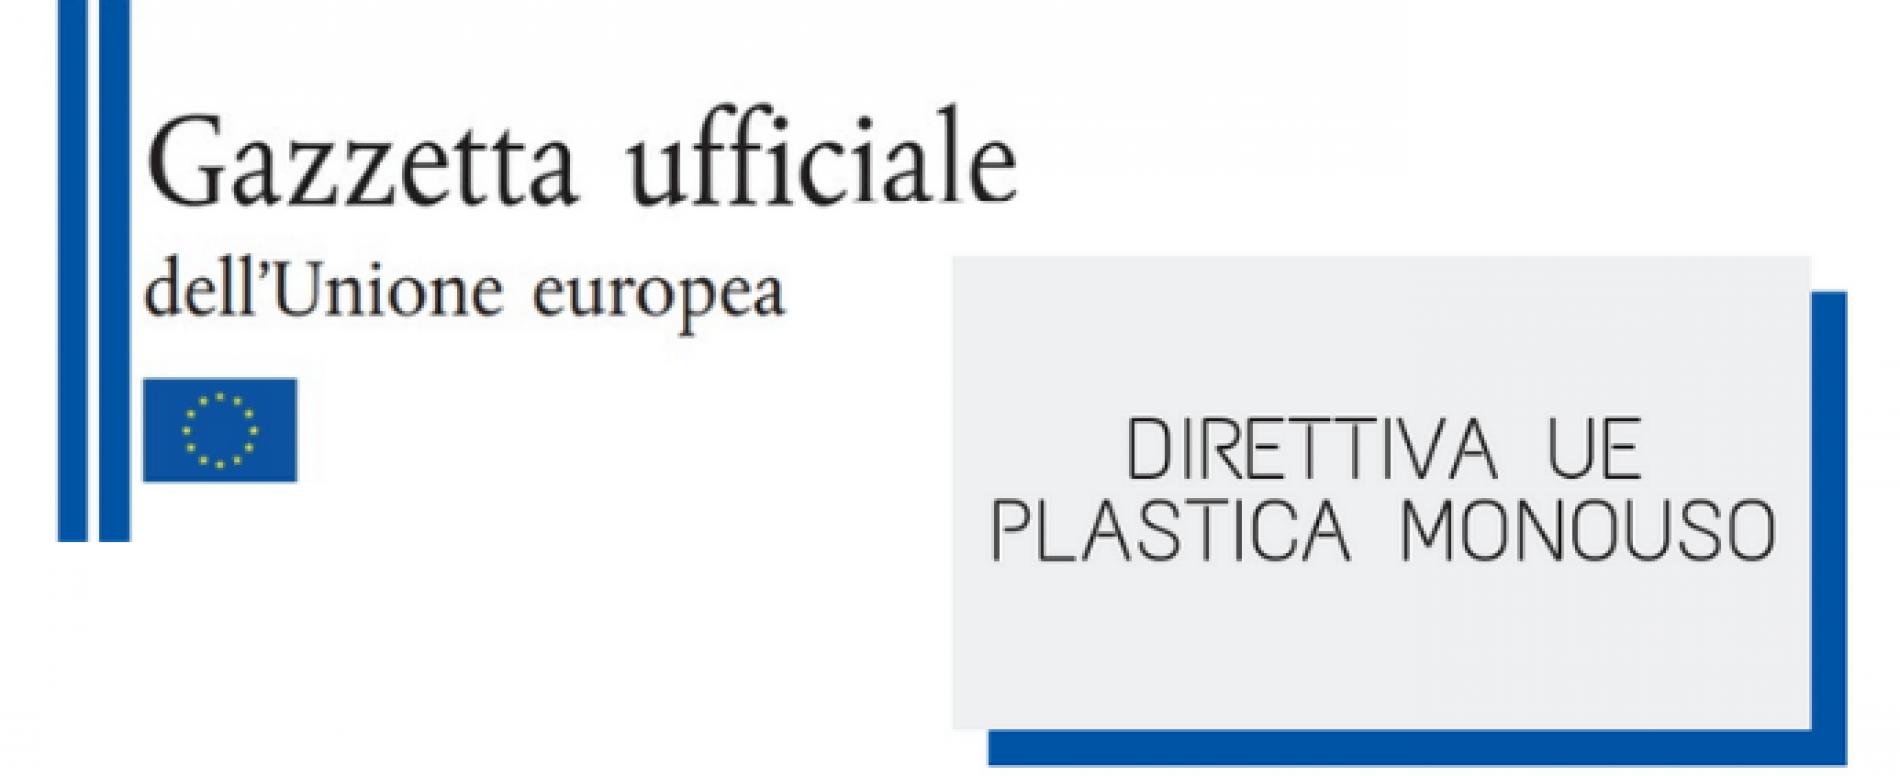 Pubblicata in Gazzetta Ufficiale UE la Direttiva sul monouso